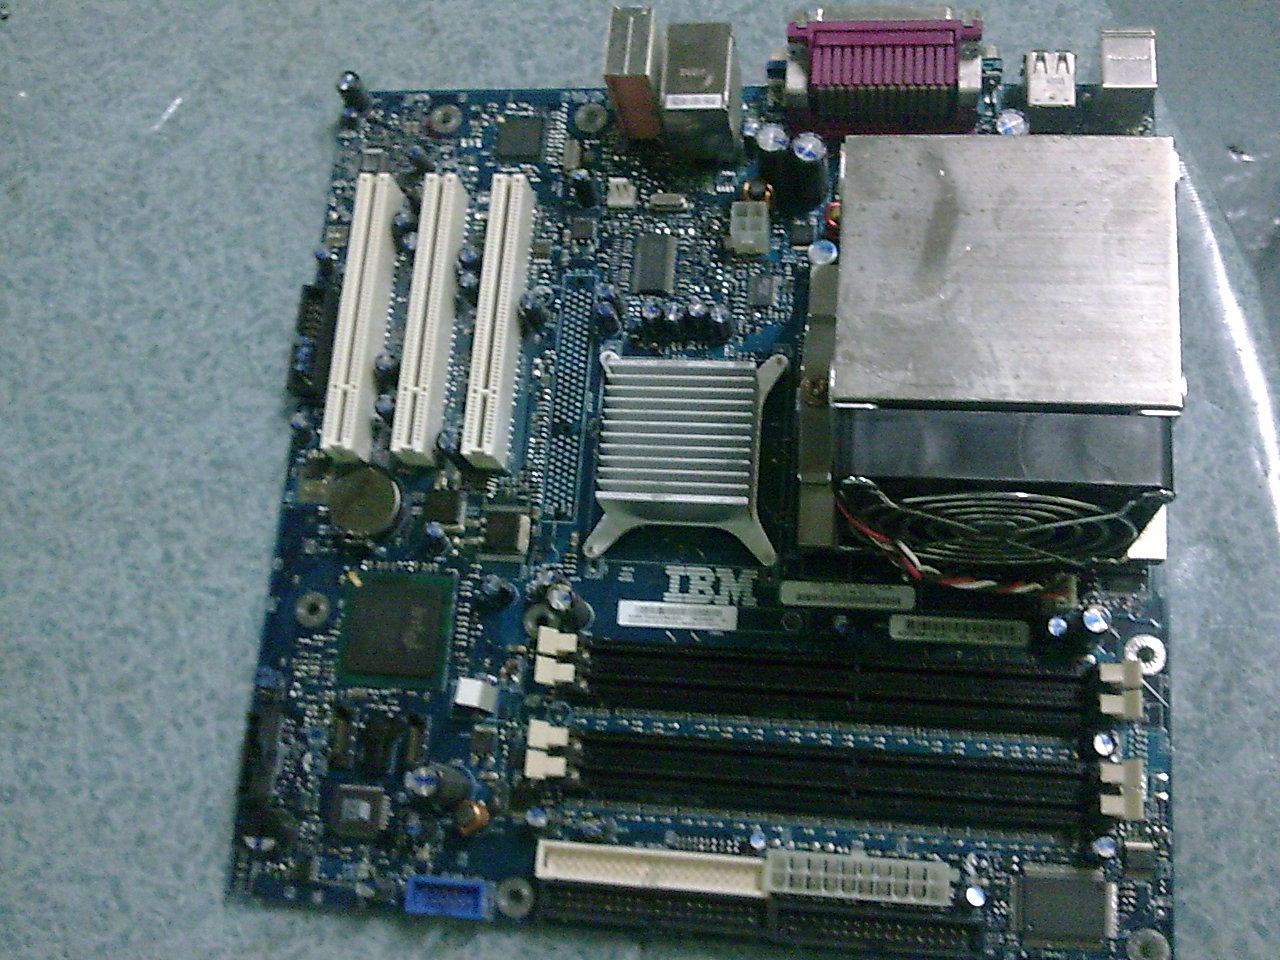 Motherboard murah-murah di bundlepc, motherboard terpakai branded, membekal motherboard, motherboard IBM, Motherboard Acer, Motherboard Intell